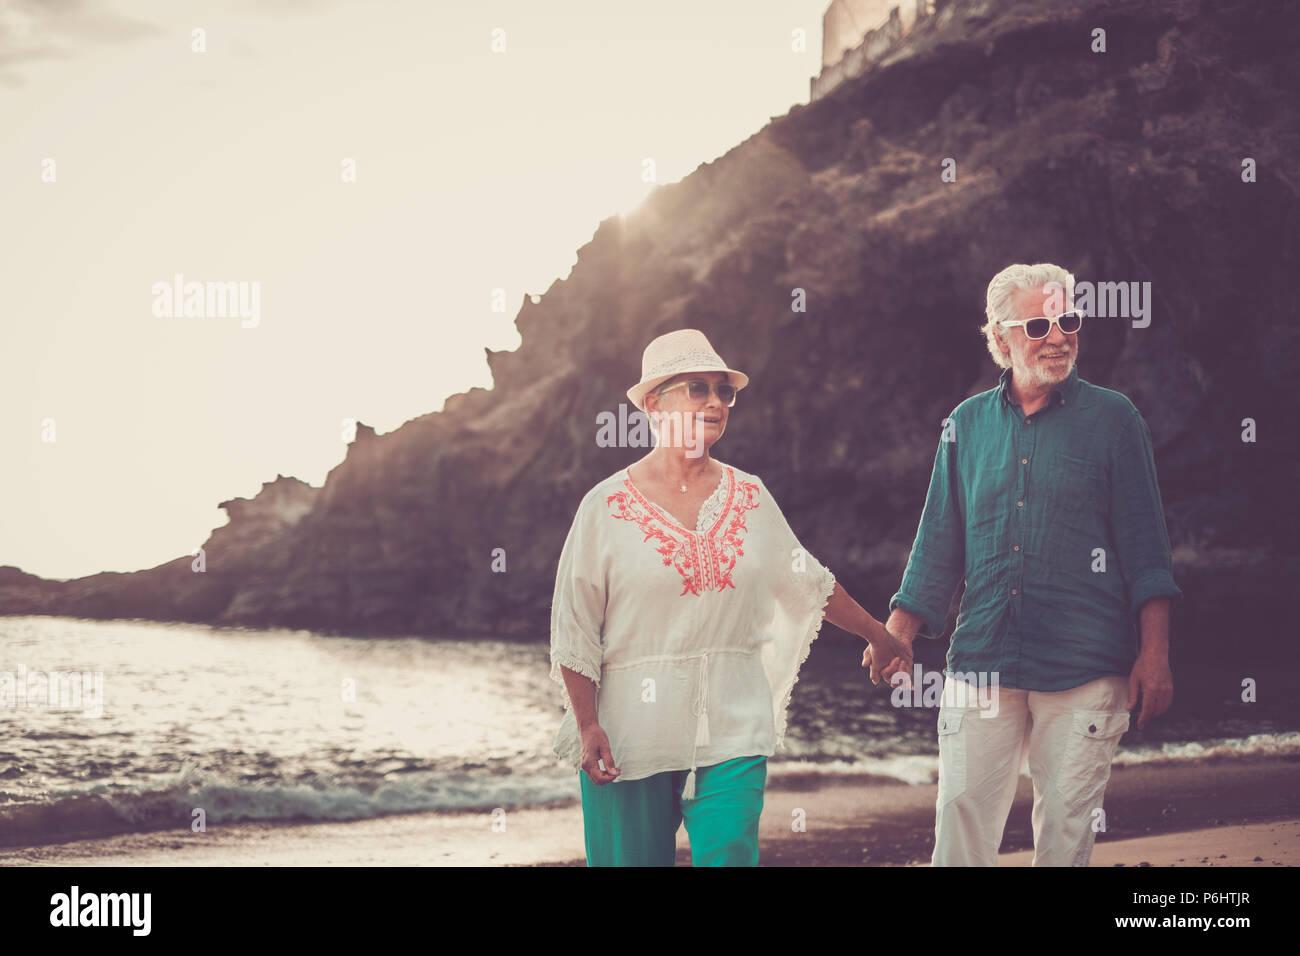 Felice senior adulto giovane in amore waing e sorridente godendo il periodo estivo sulla spiaggia e i pensionati lo stile di vita della loro nuova vita insieme dopo y Immagini Stock